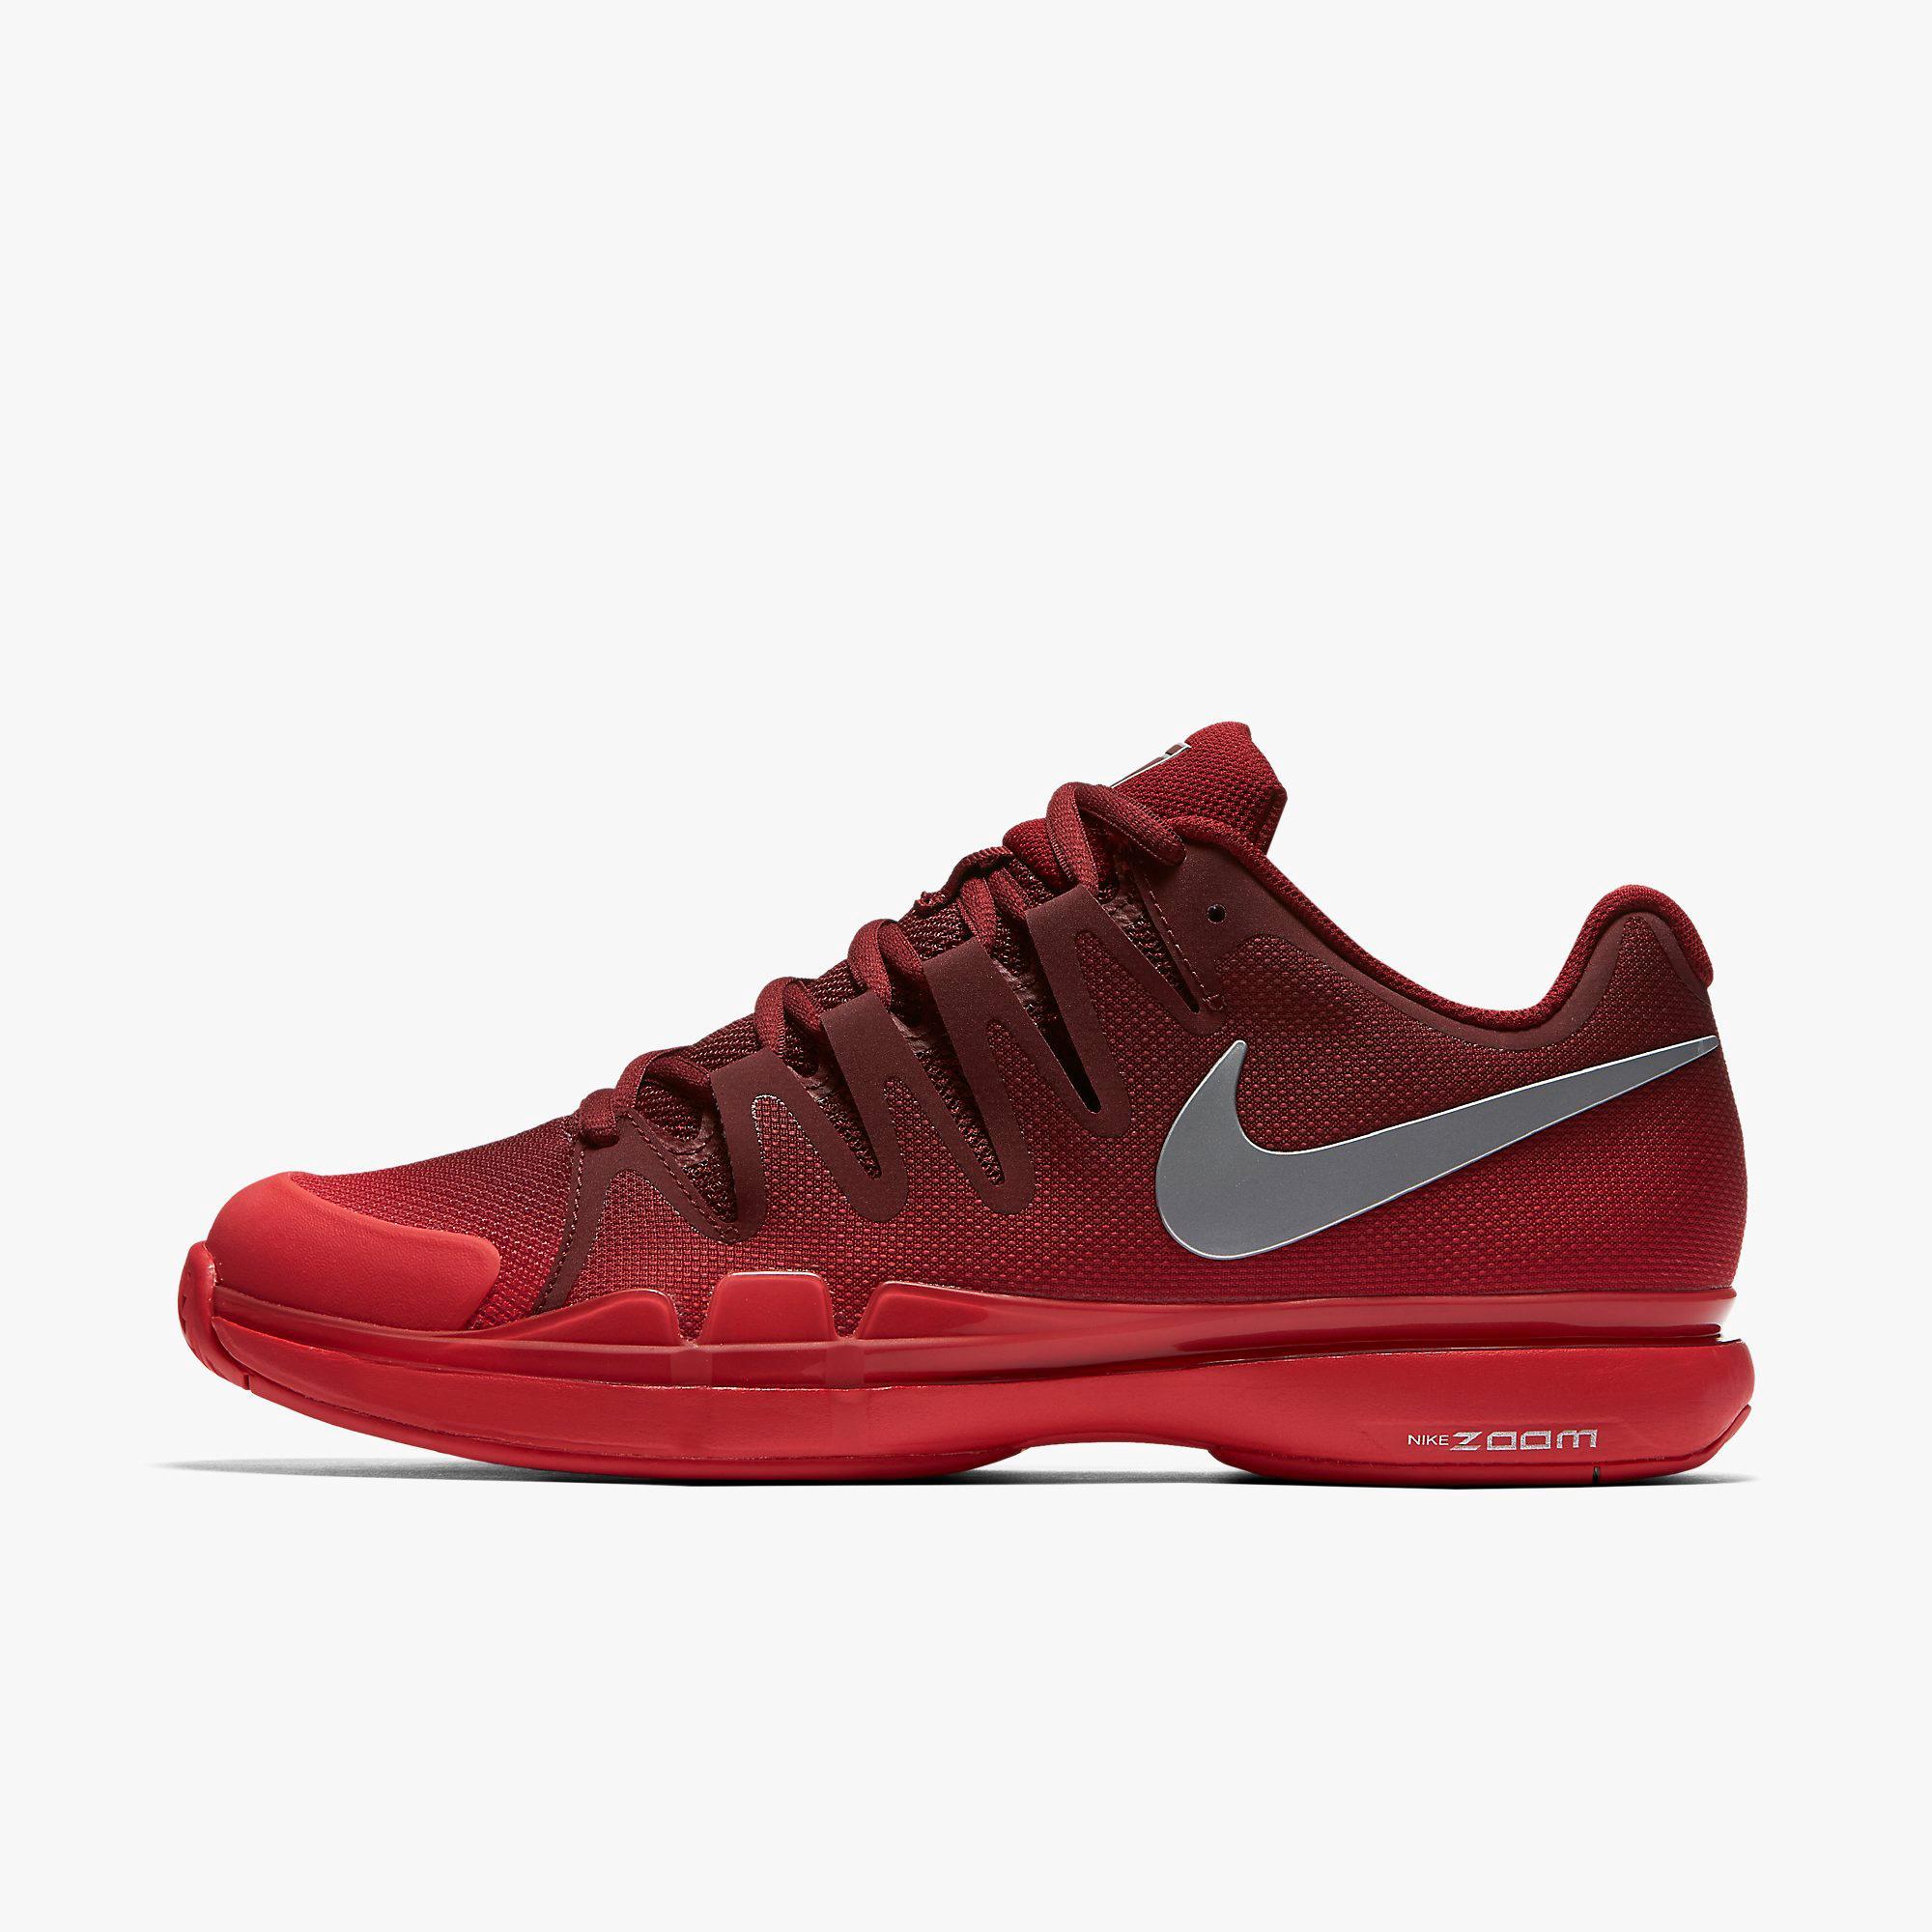 Nike Zoom Damp 9,5 Tour Menns Tennis Sko Byråkrati